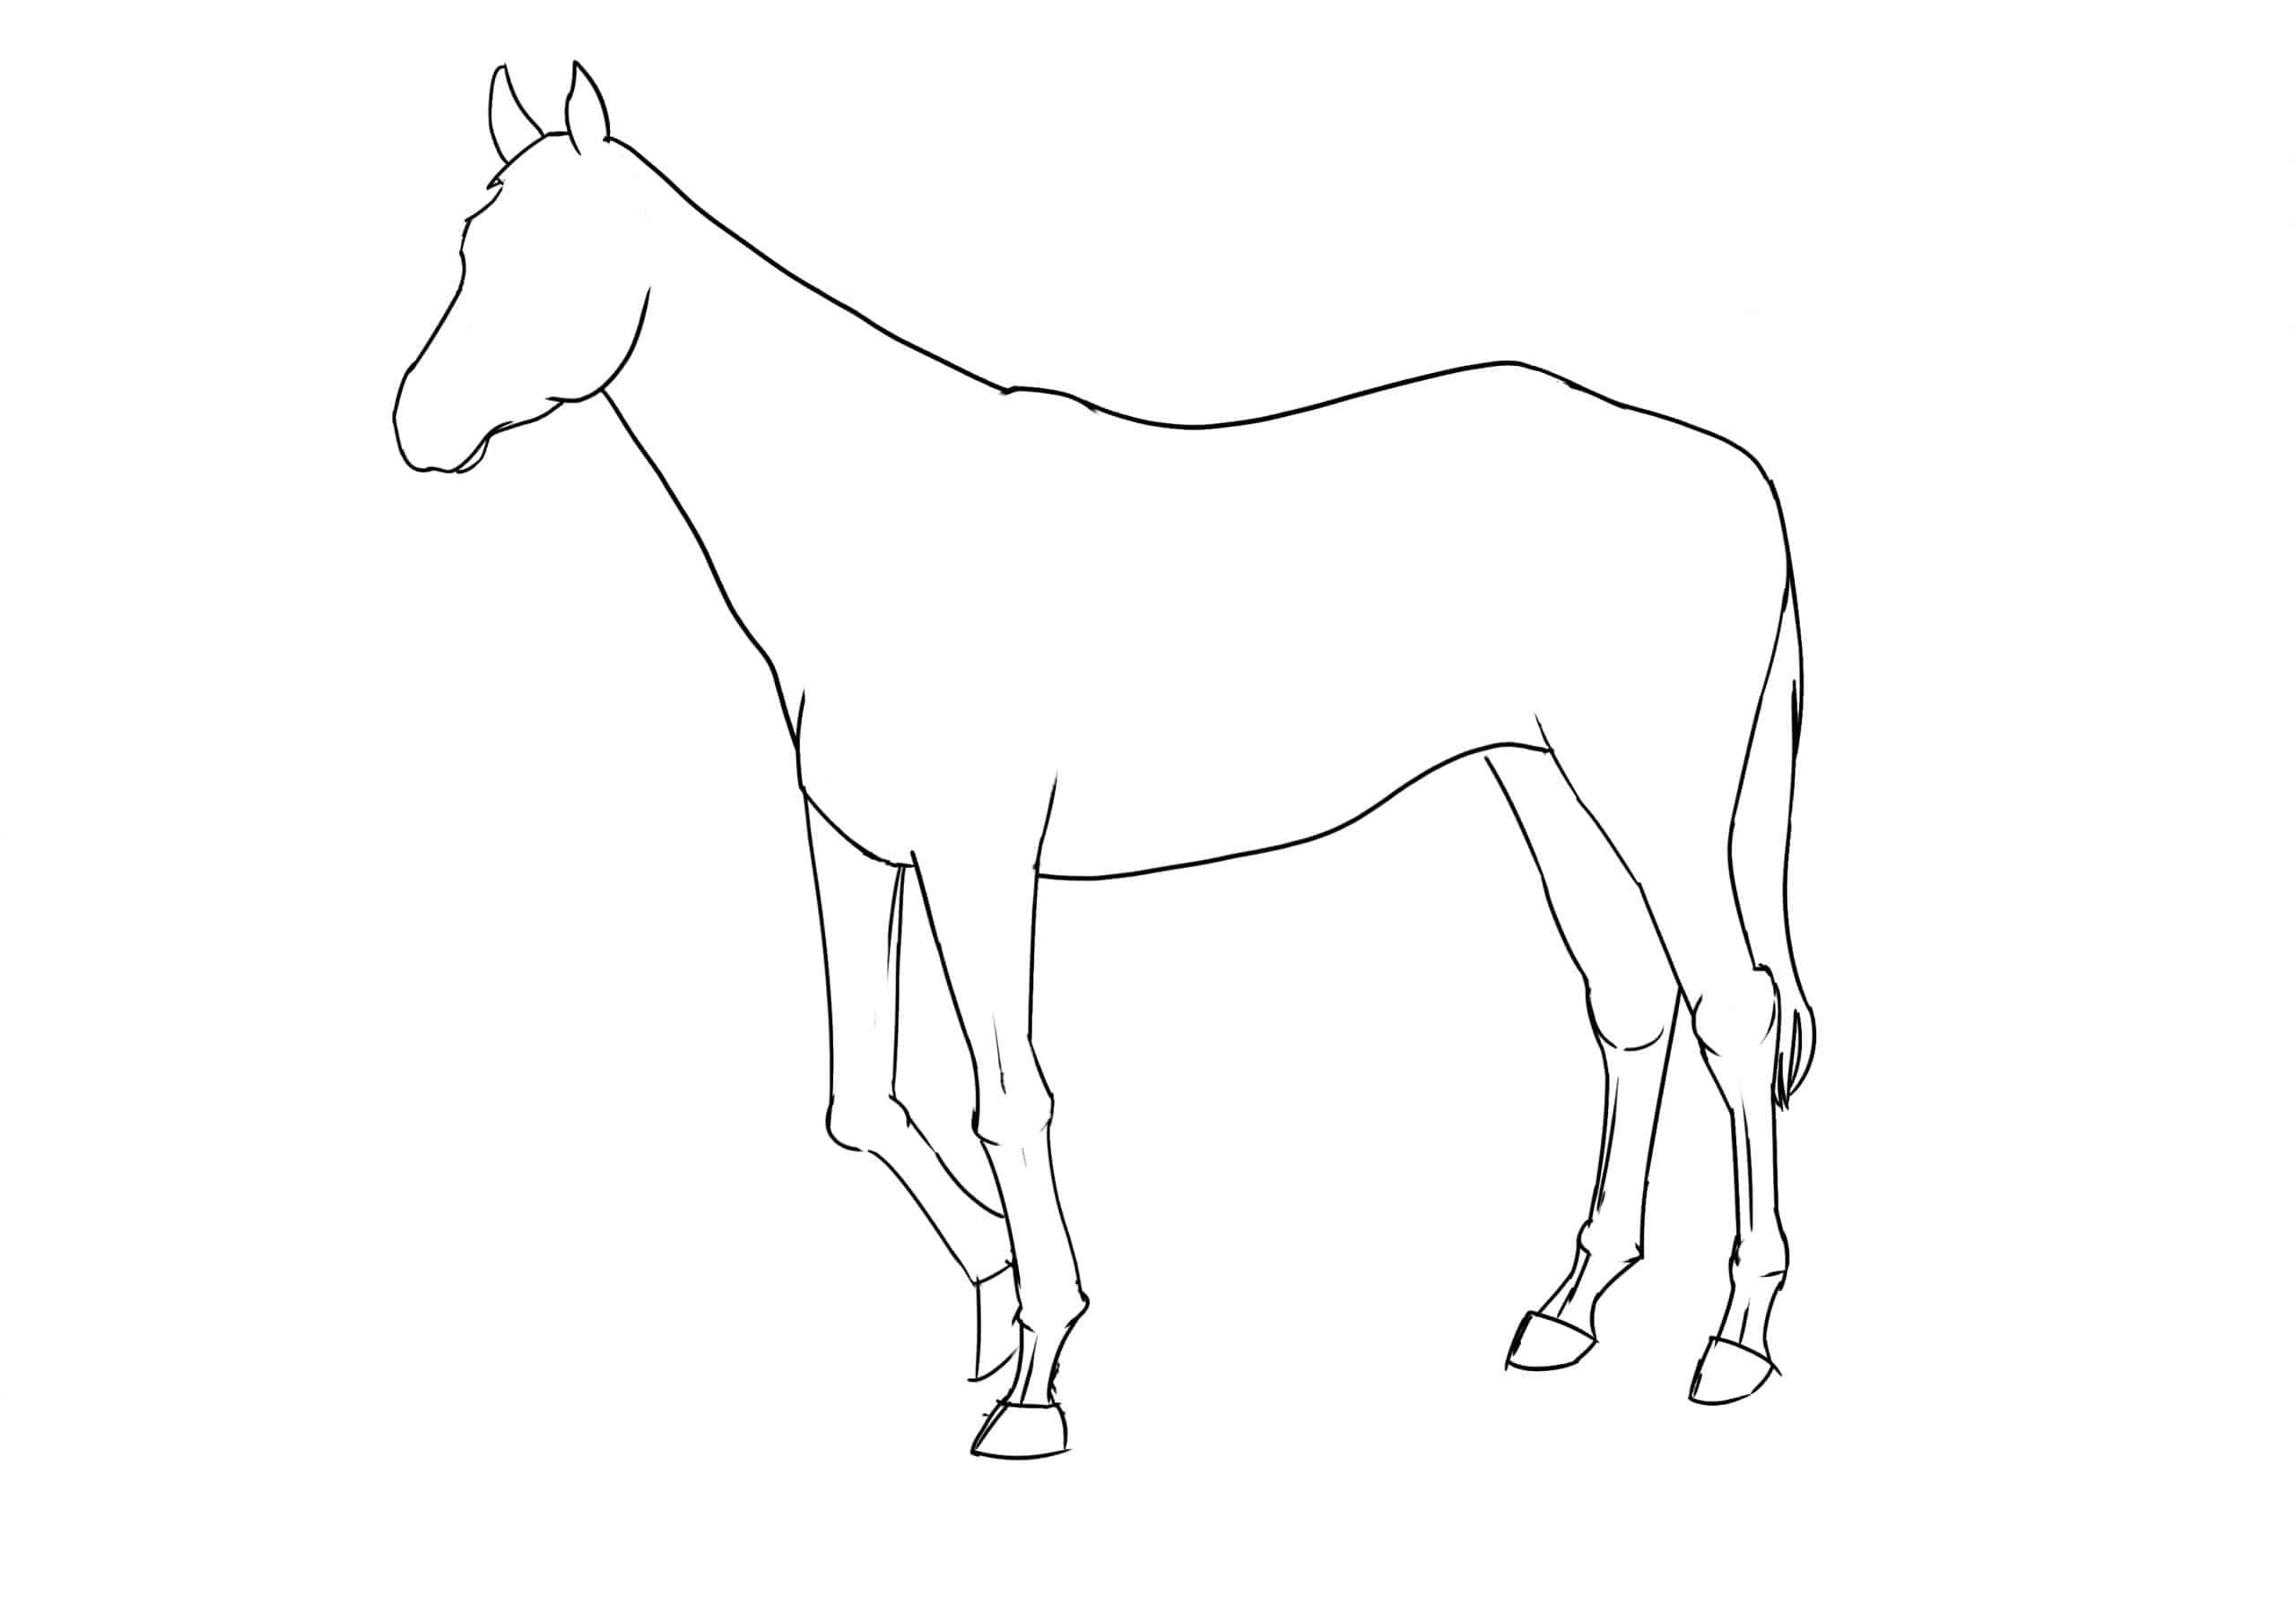 Pferd Zeichnen Lernen - 7 Schritte Für Ein Anatomisch ganzes Pferde Zeichnen Lernen